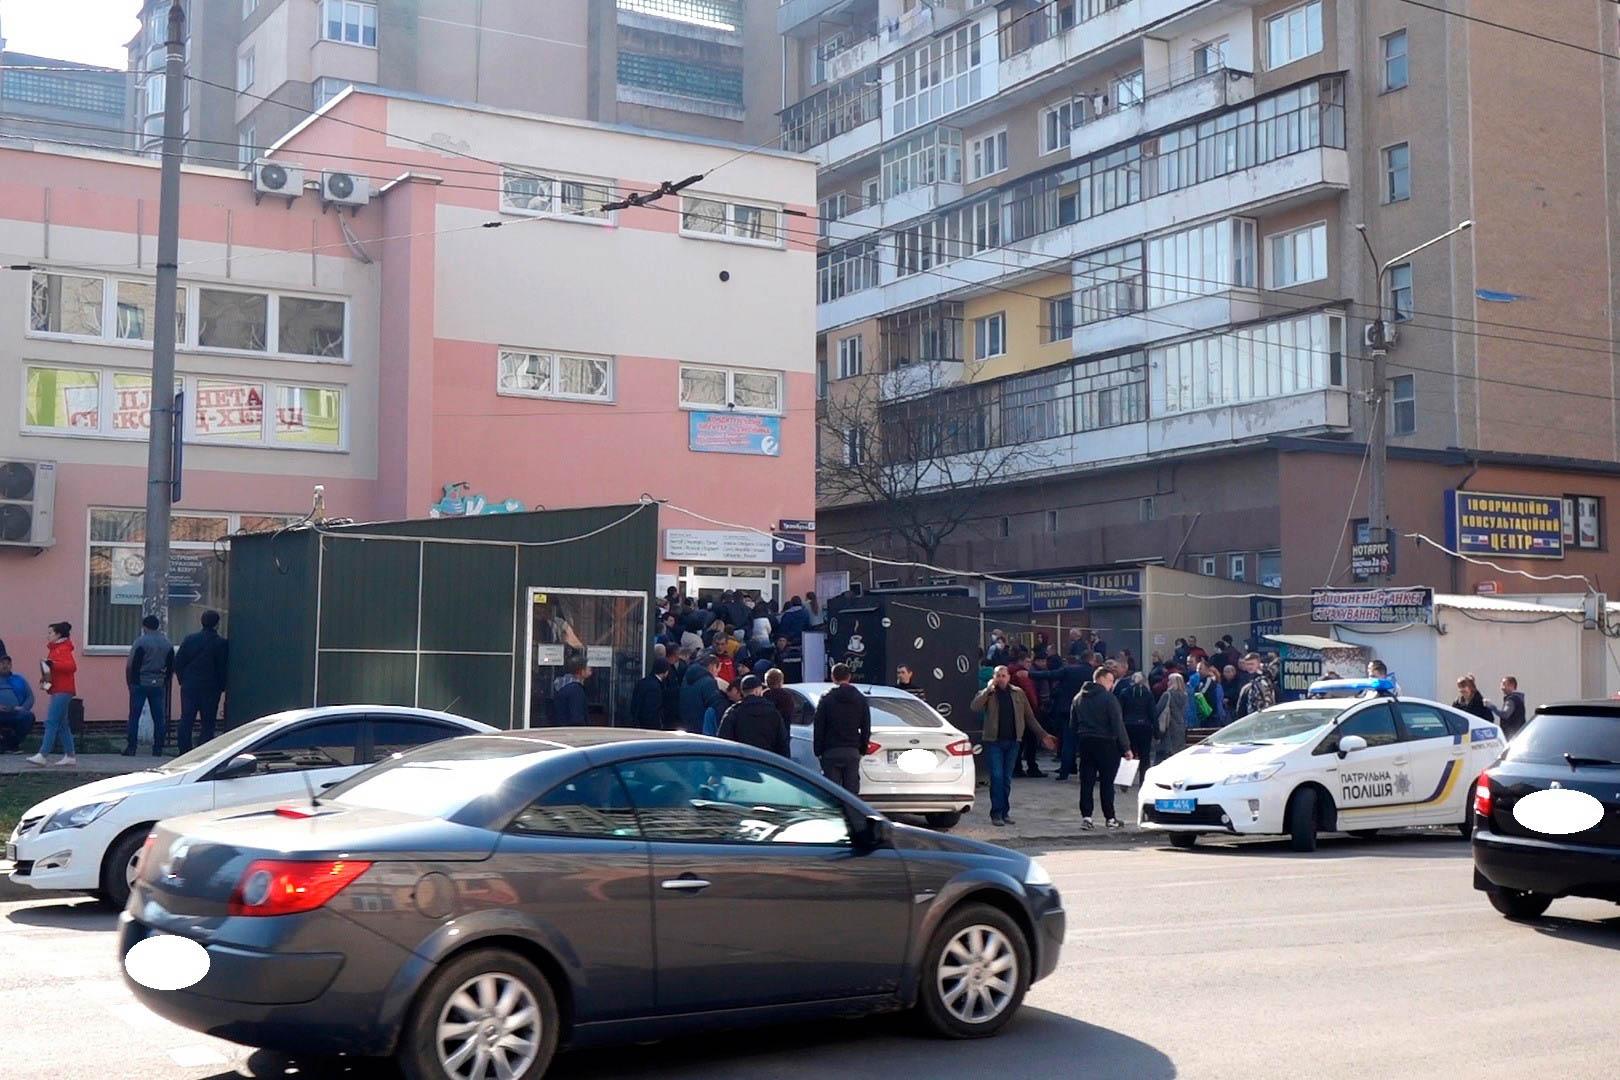 Документи важливіші за карантин: у Франківську сотні людей стоять у черзі до візового центру (ФОТОФАКТ, ОНОВЛЕНО)